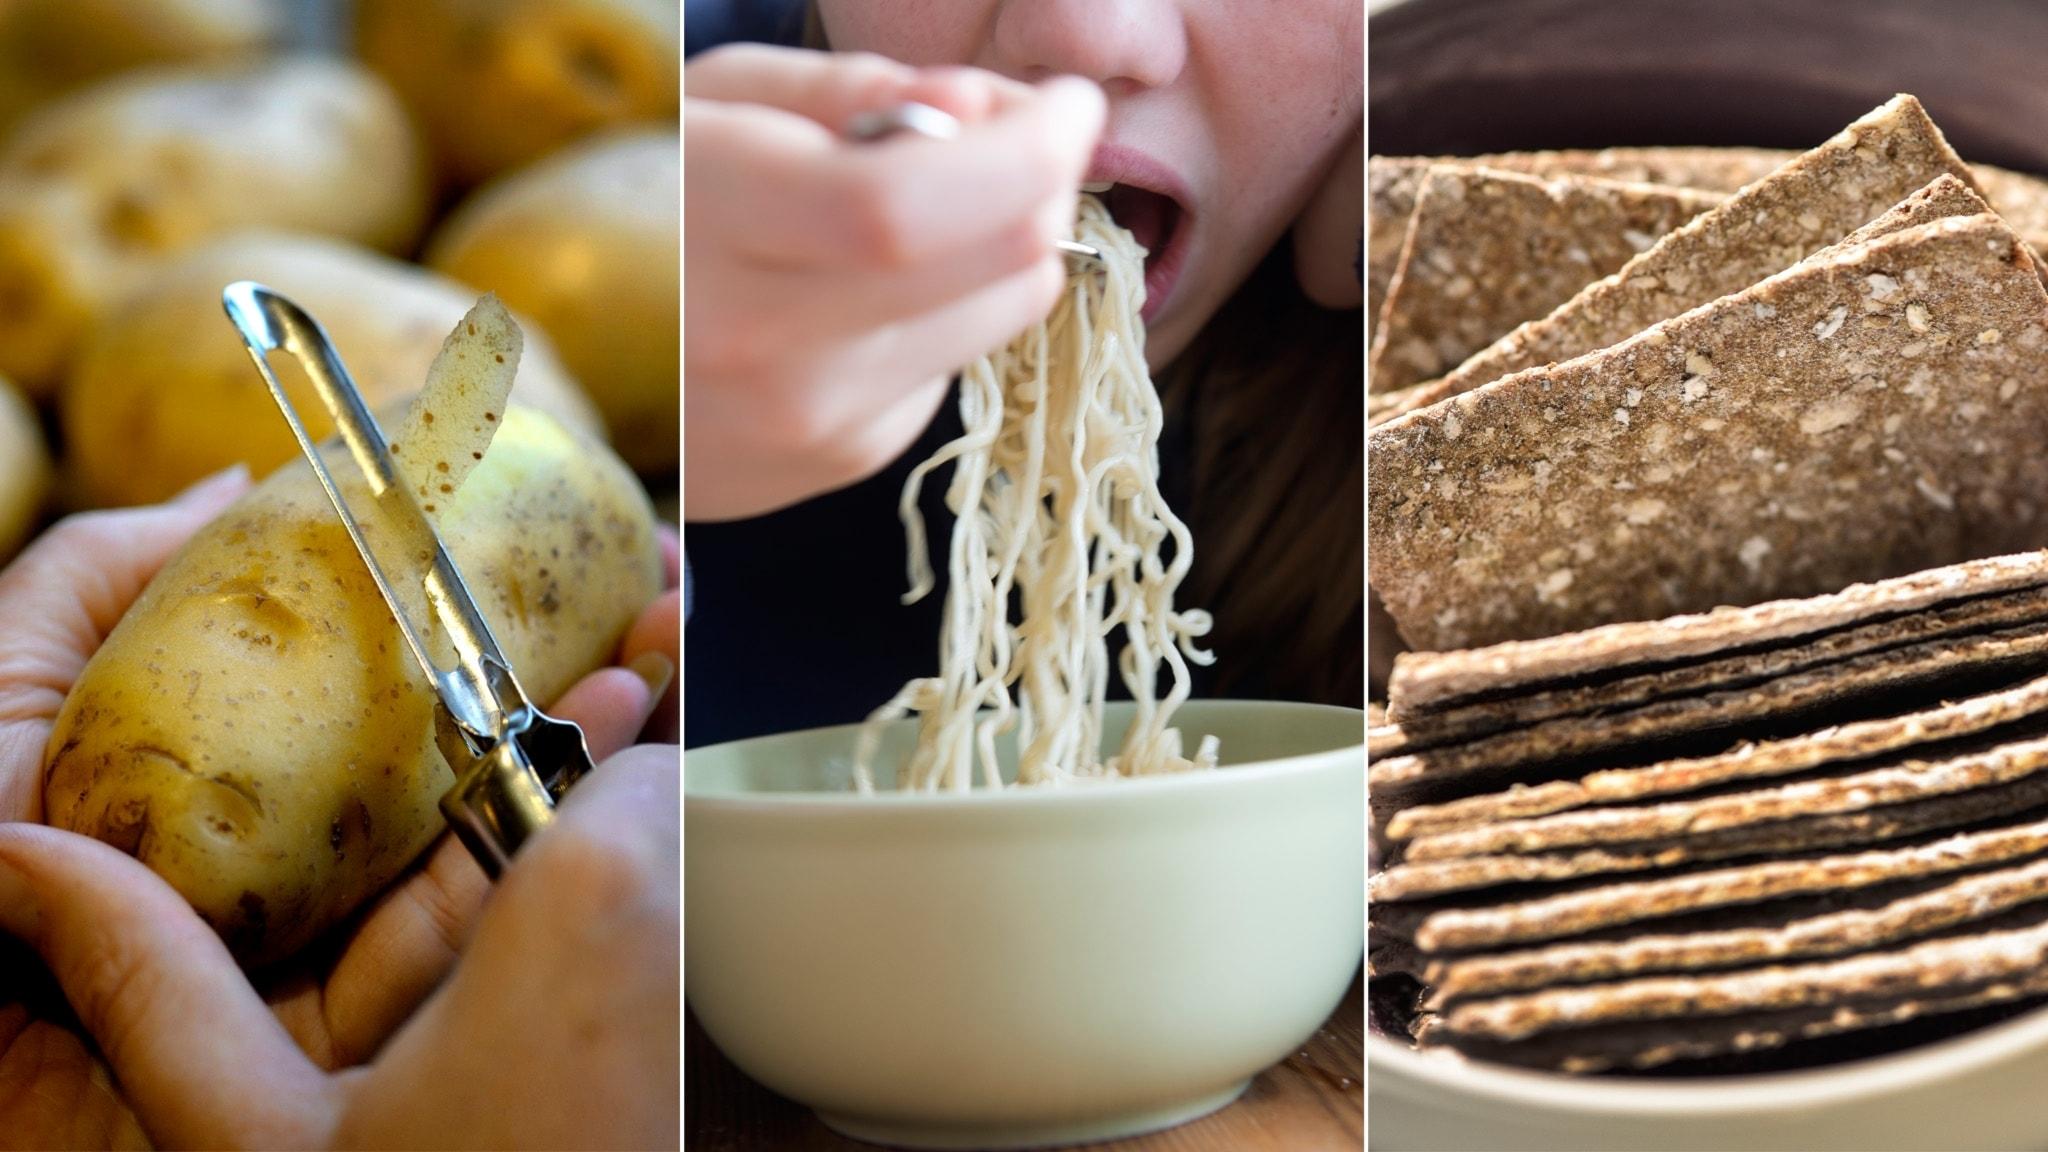 För lite kolhydrater förkortar livet - Nyheter (Ekot)